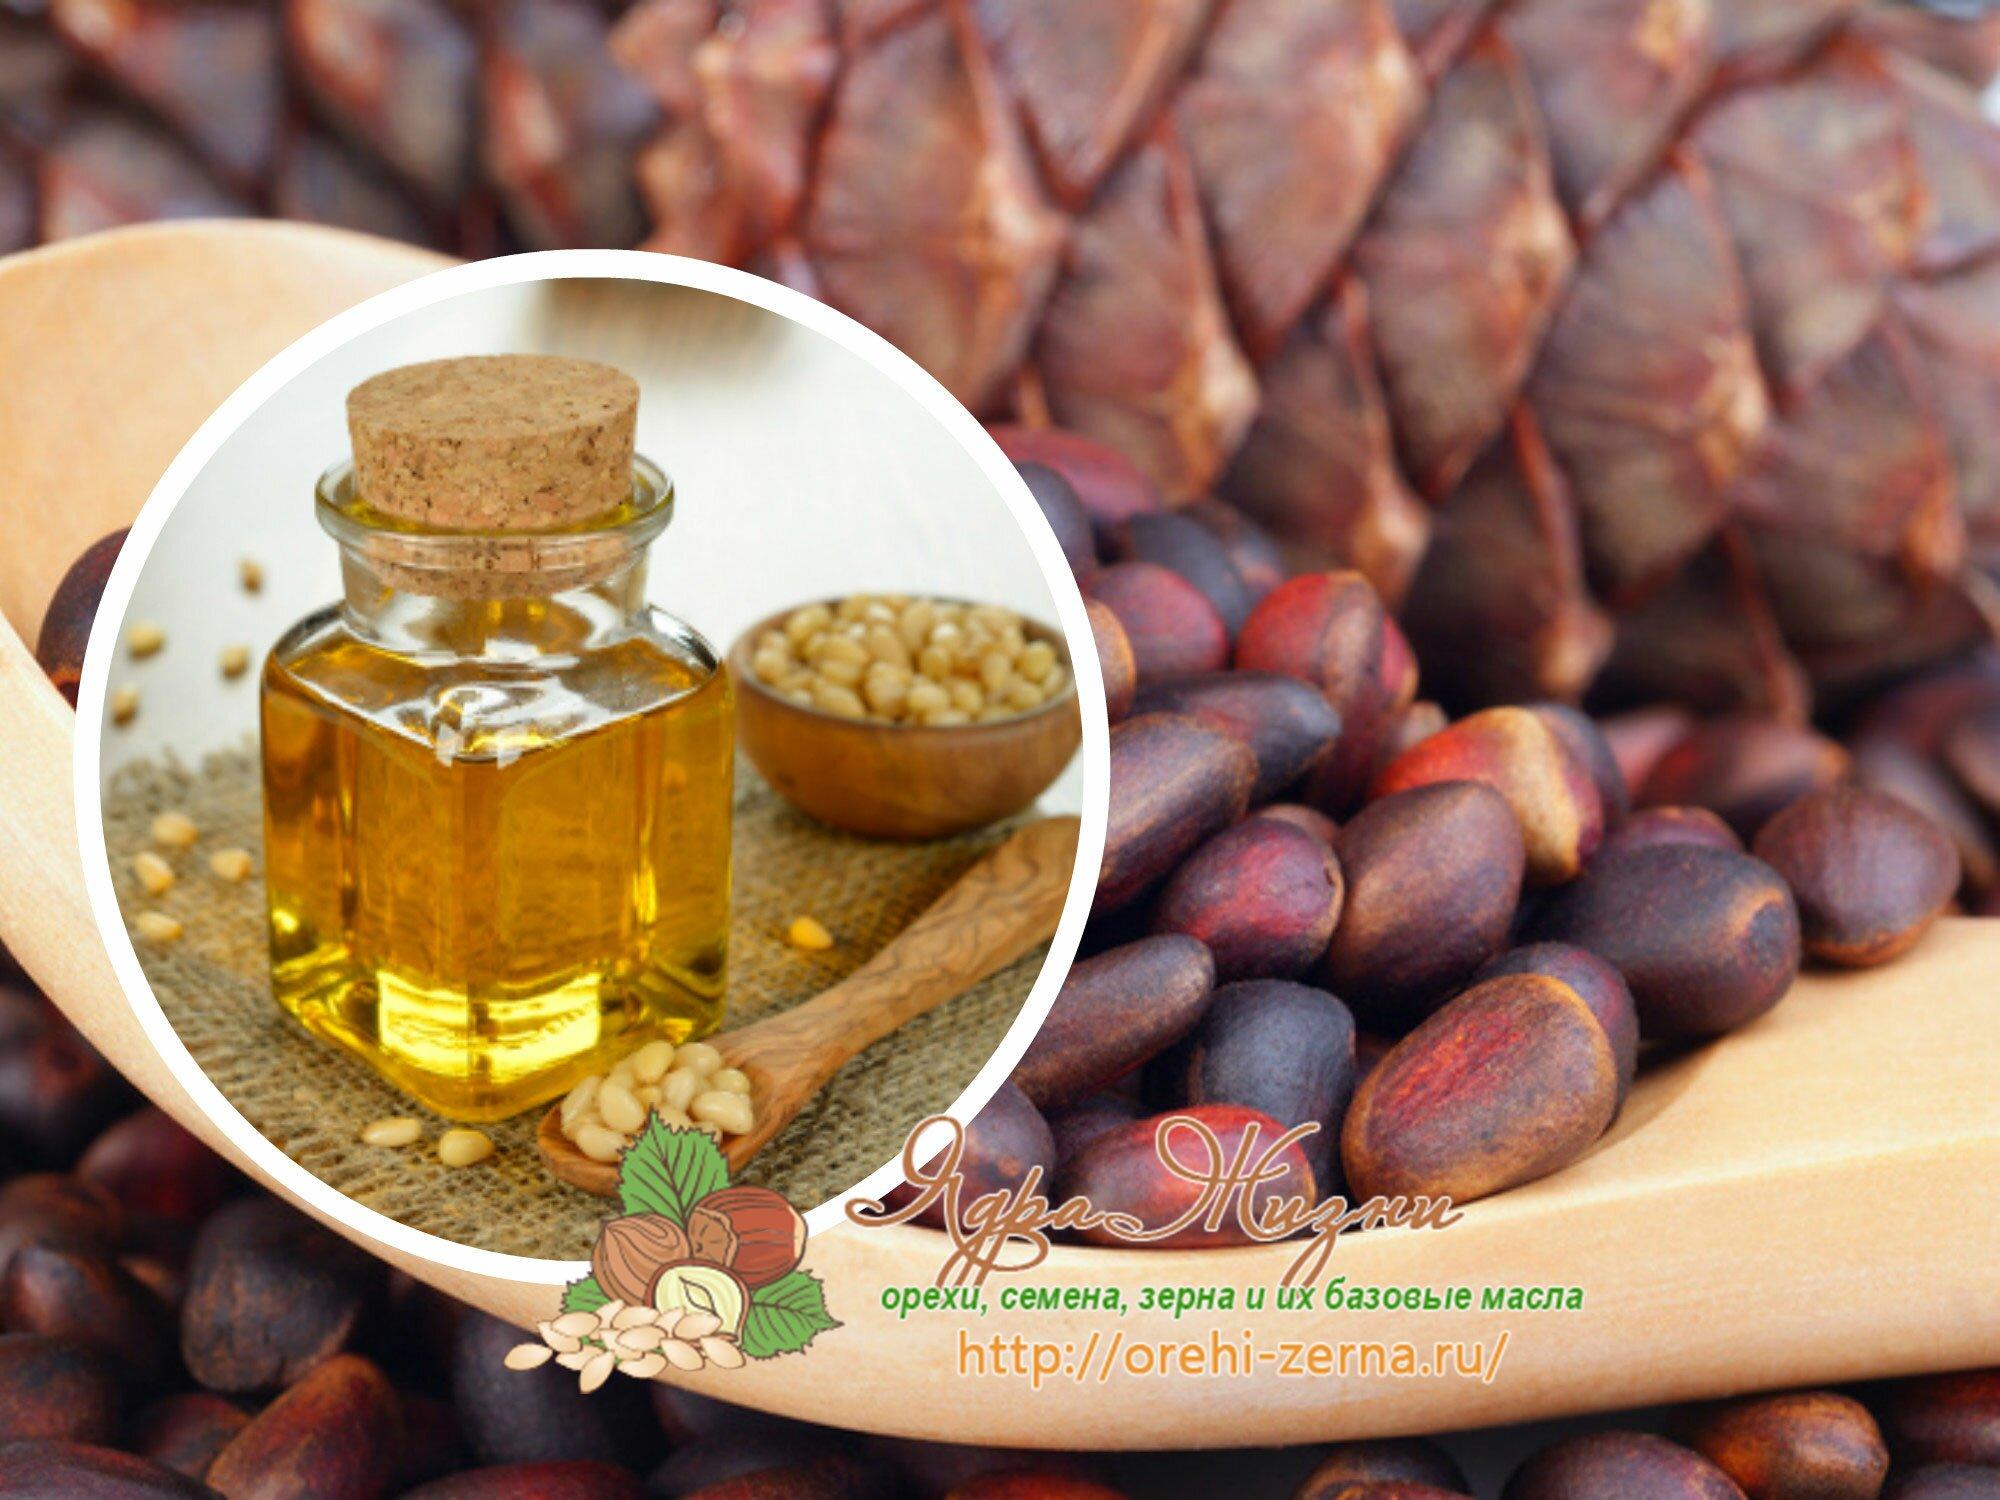 Кедровые орехи для женщин: какие витамины содержатся, чем полезны, кому могут навредить